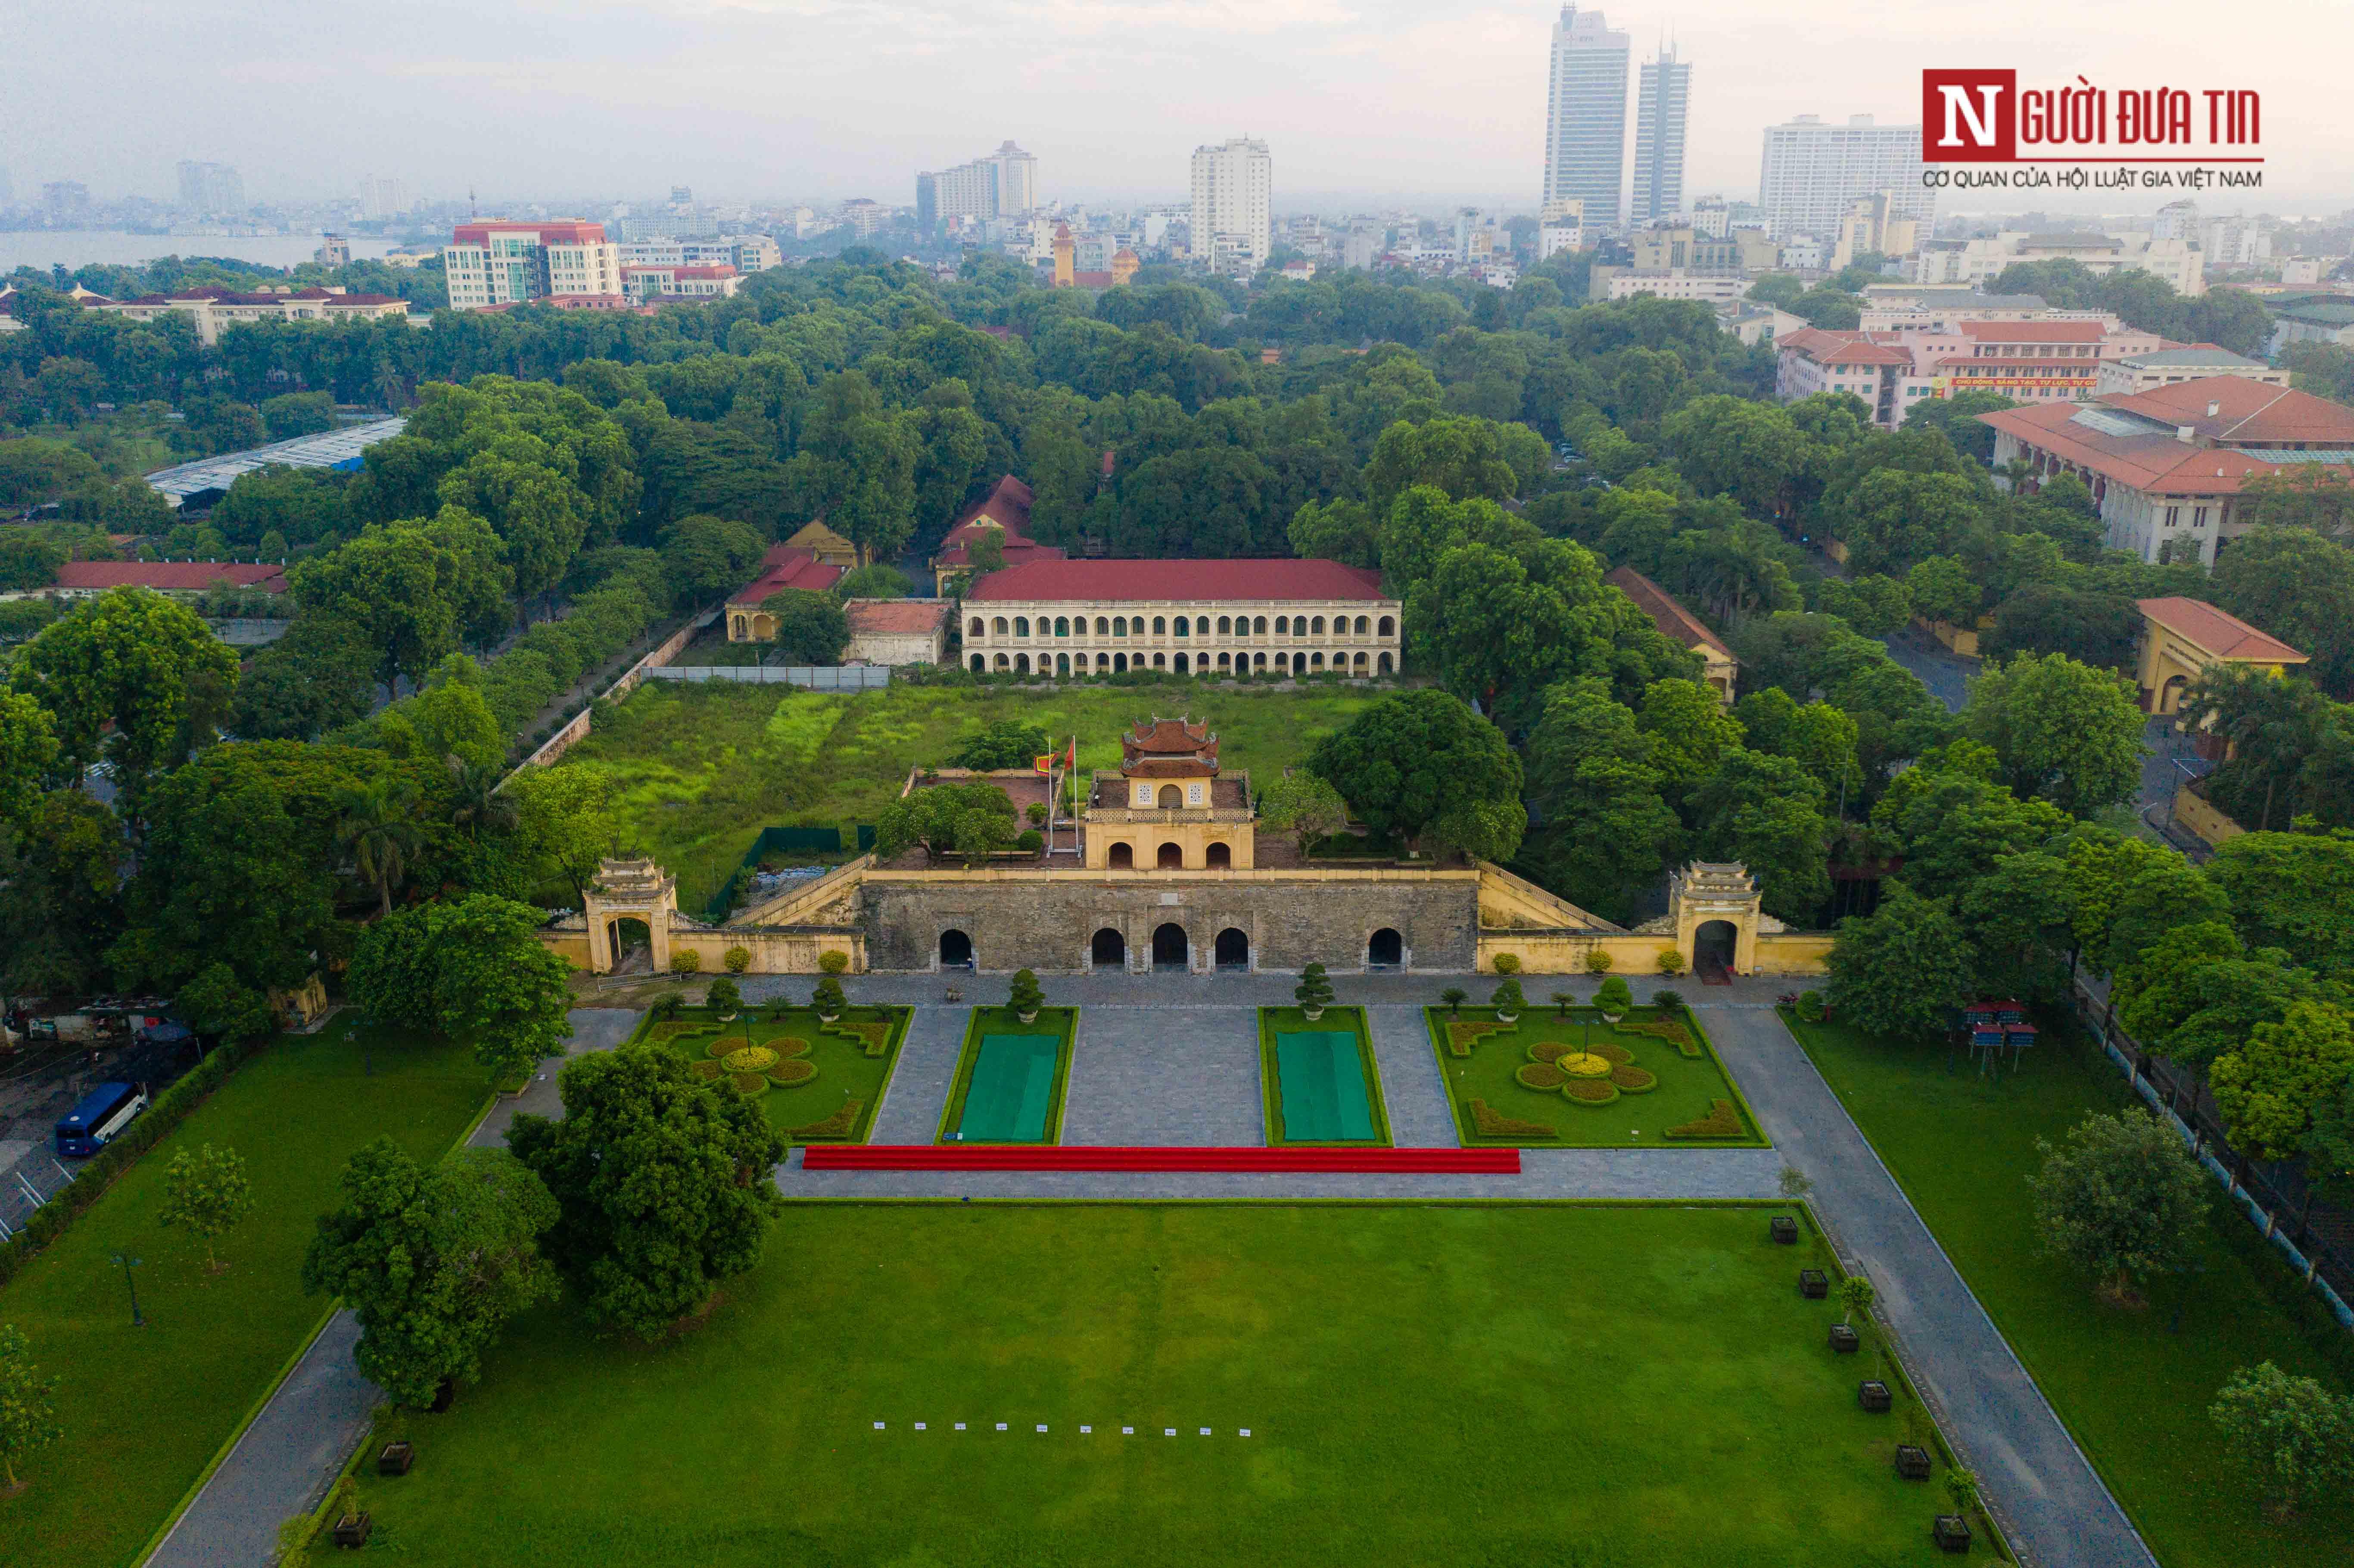 Ngắm nhìn những địa danh lịch sử gắn liền với giải phóng Thủ đô qua 65 năm 7